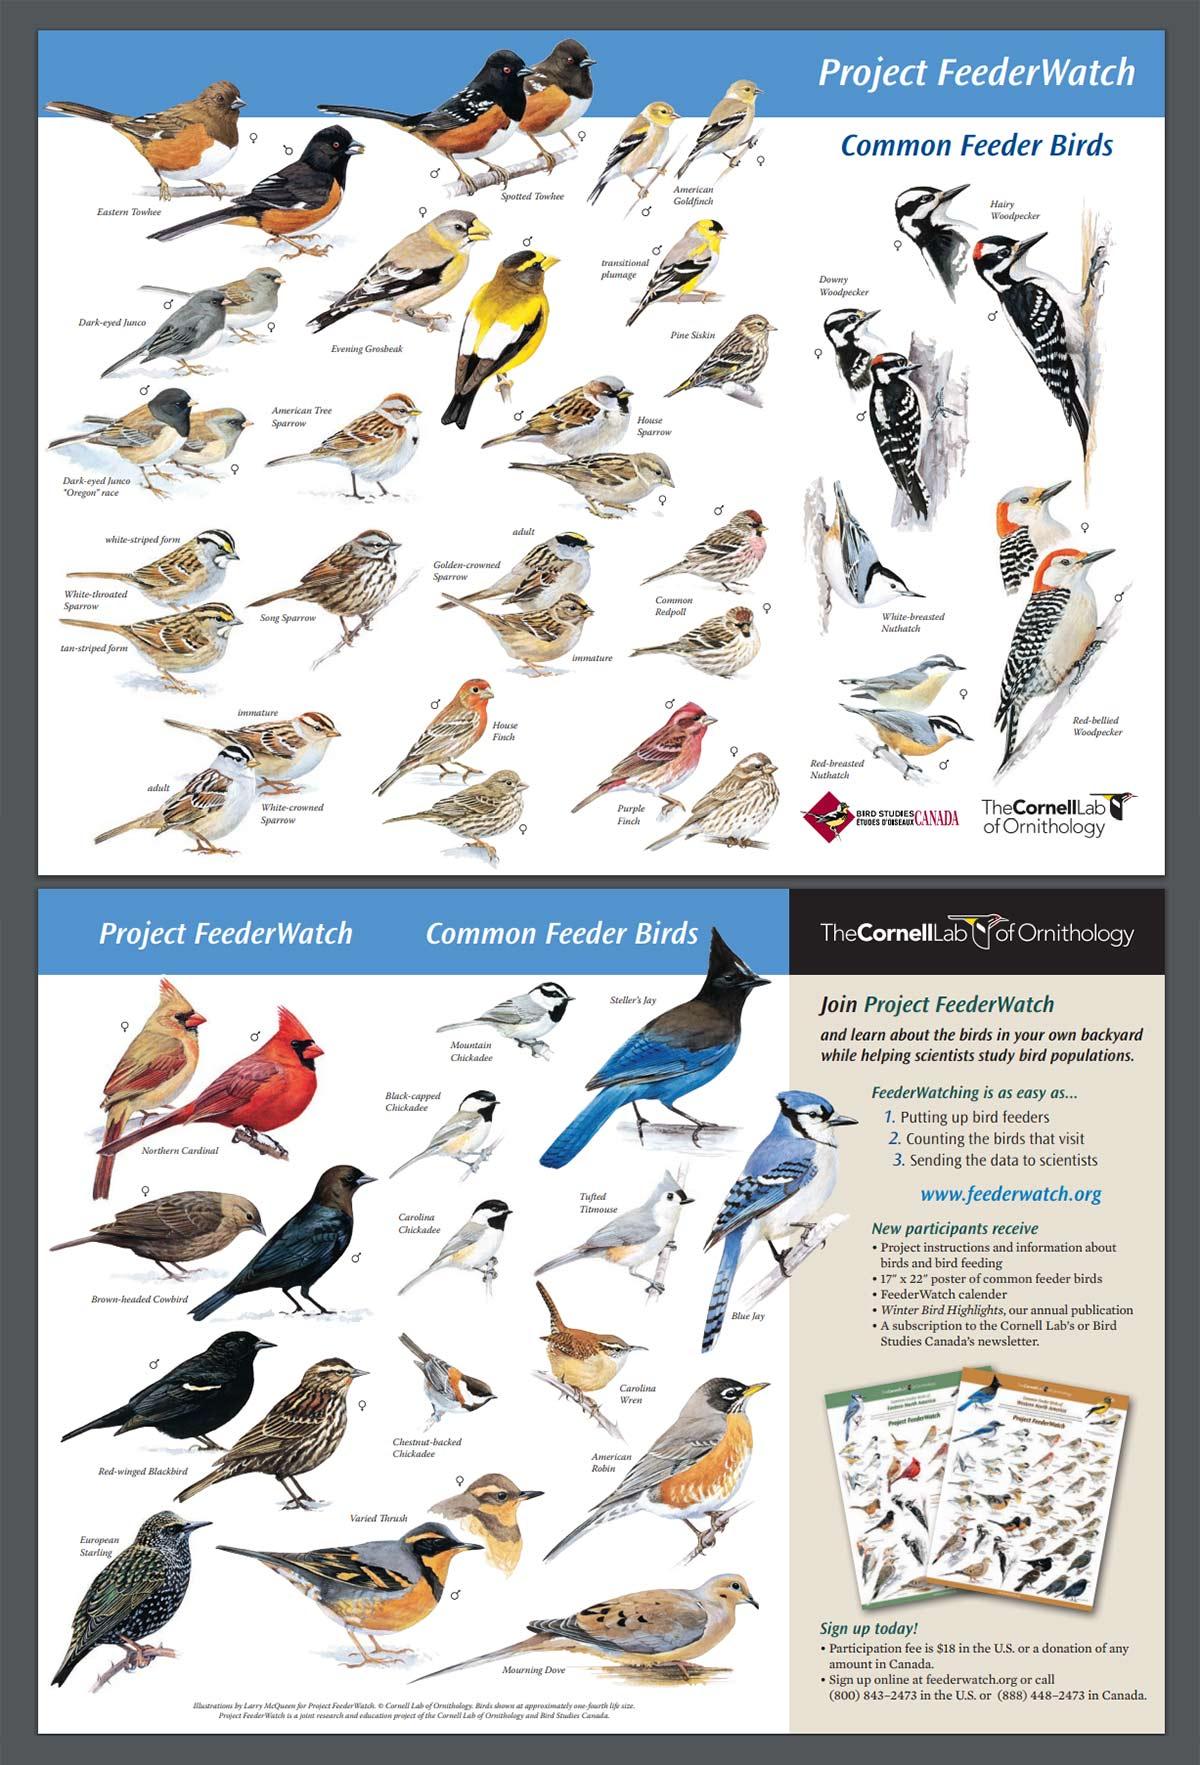 8 Easy Ways to Identify Backyard Birds - Bird Photography Life